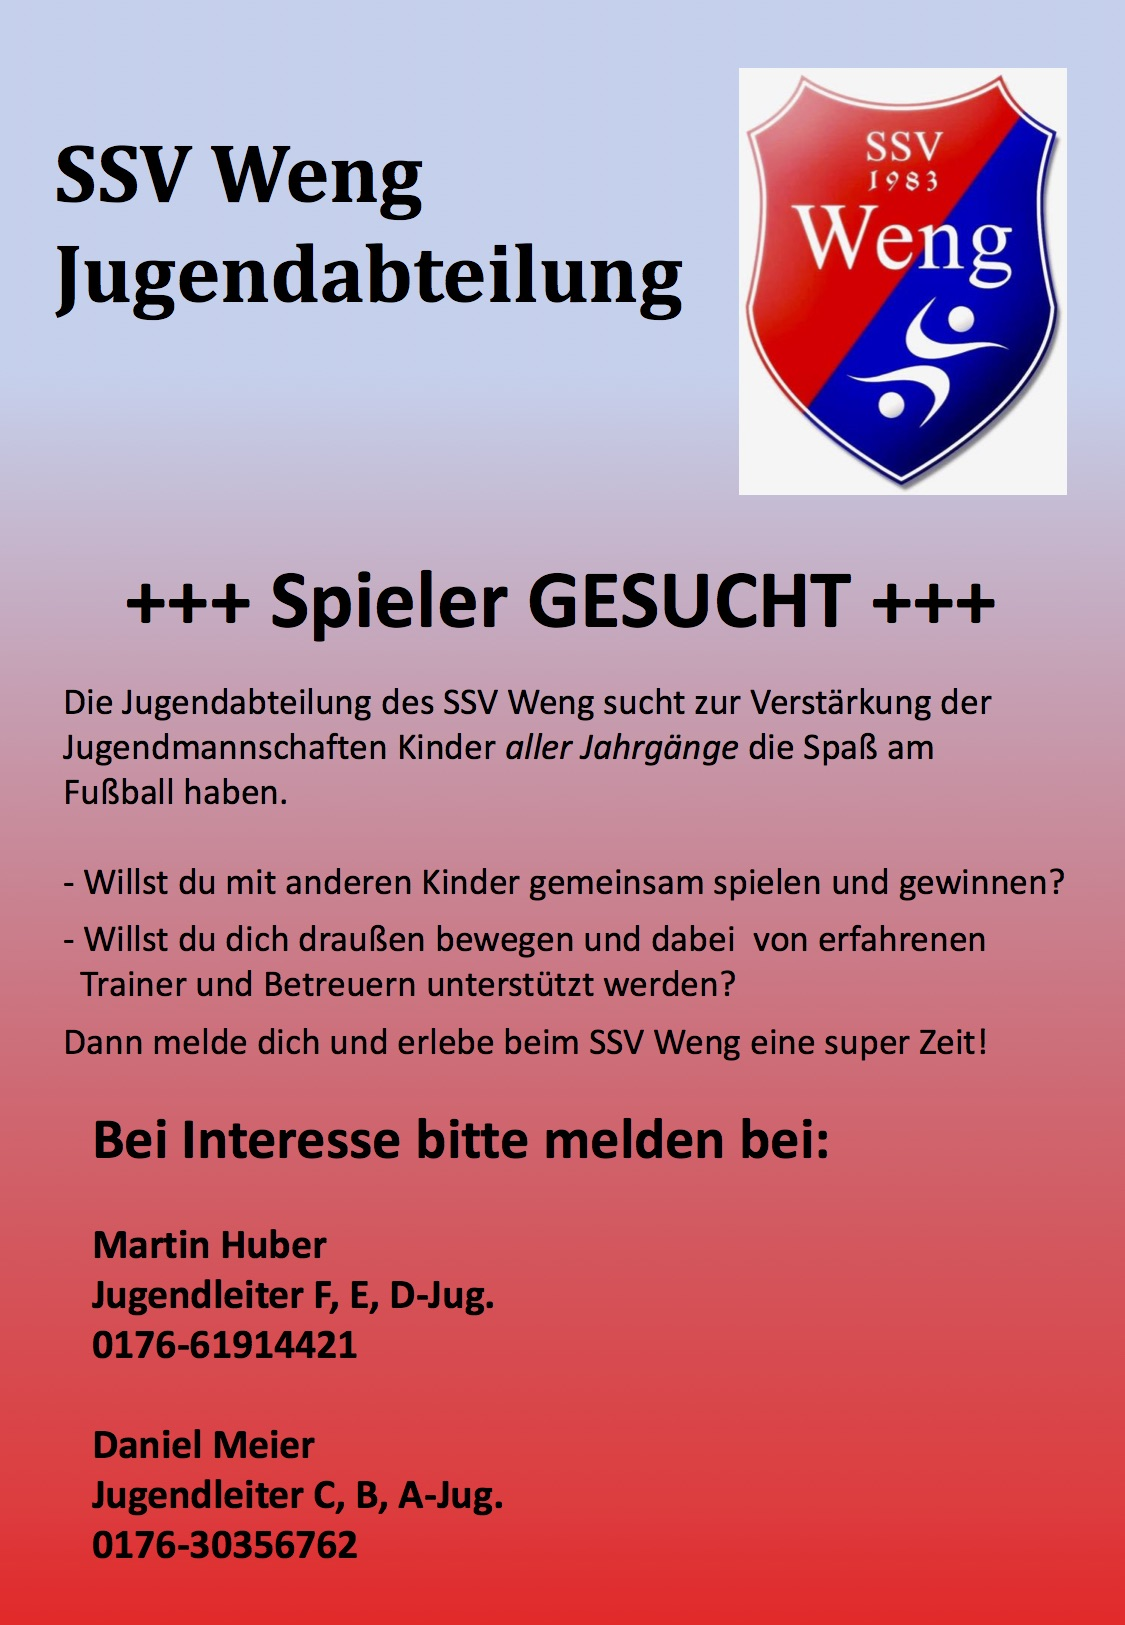 GESUCHT_Spieler